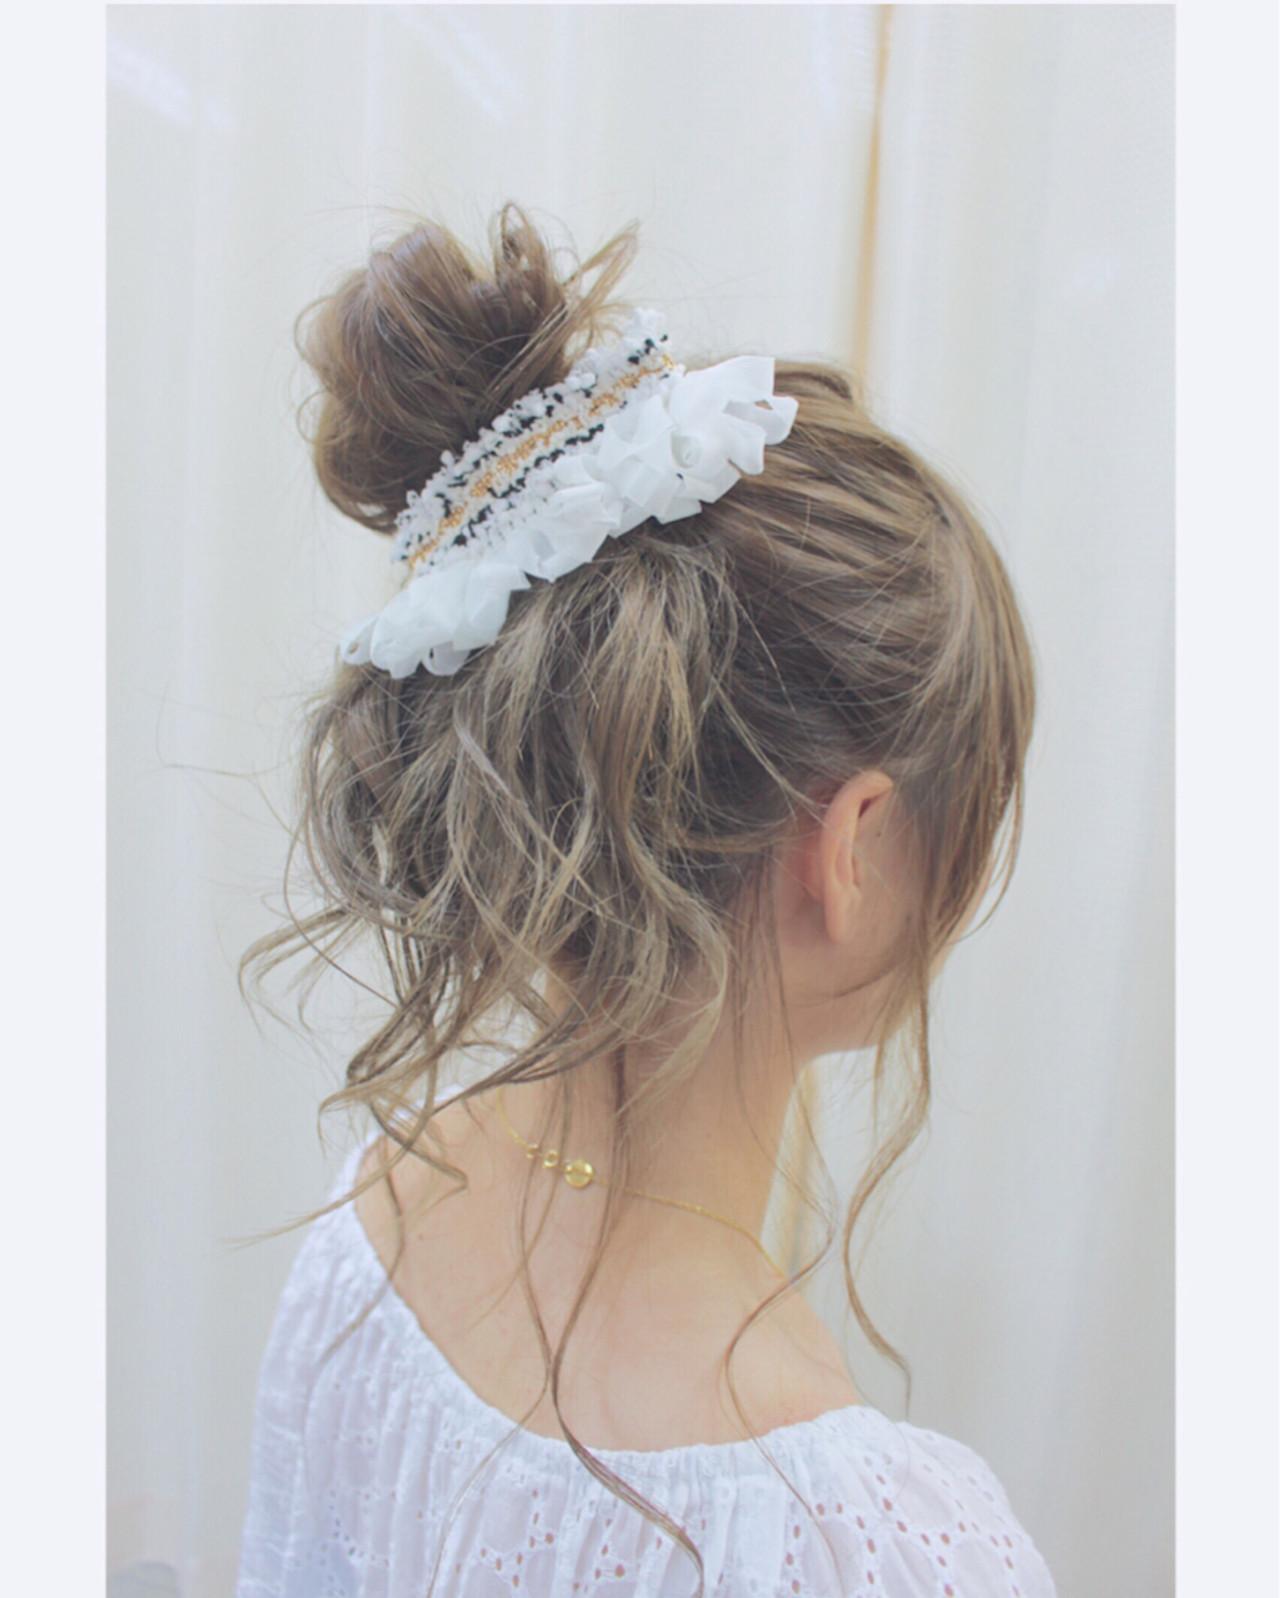 夏 ヘアアレンジ バレッタ お団子 ヘアスタイルや髪型の写真・画像